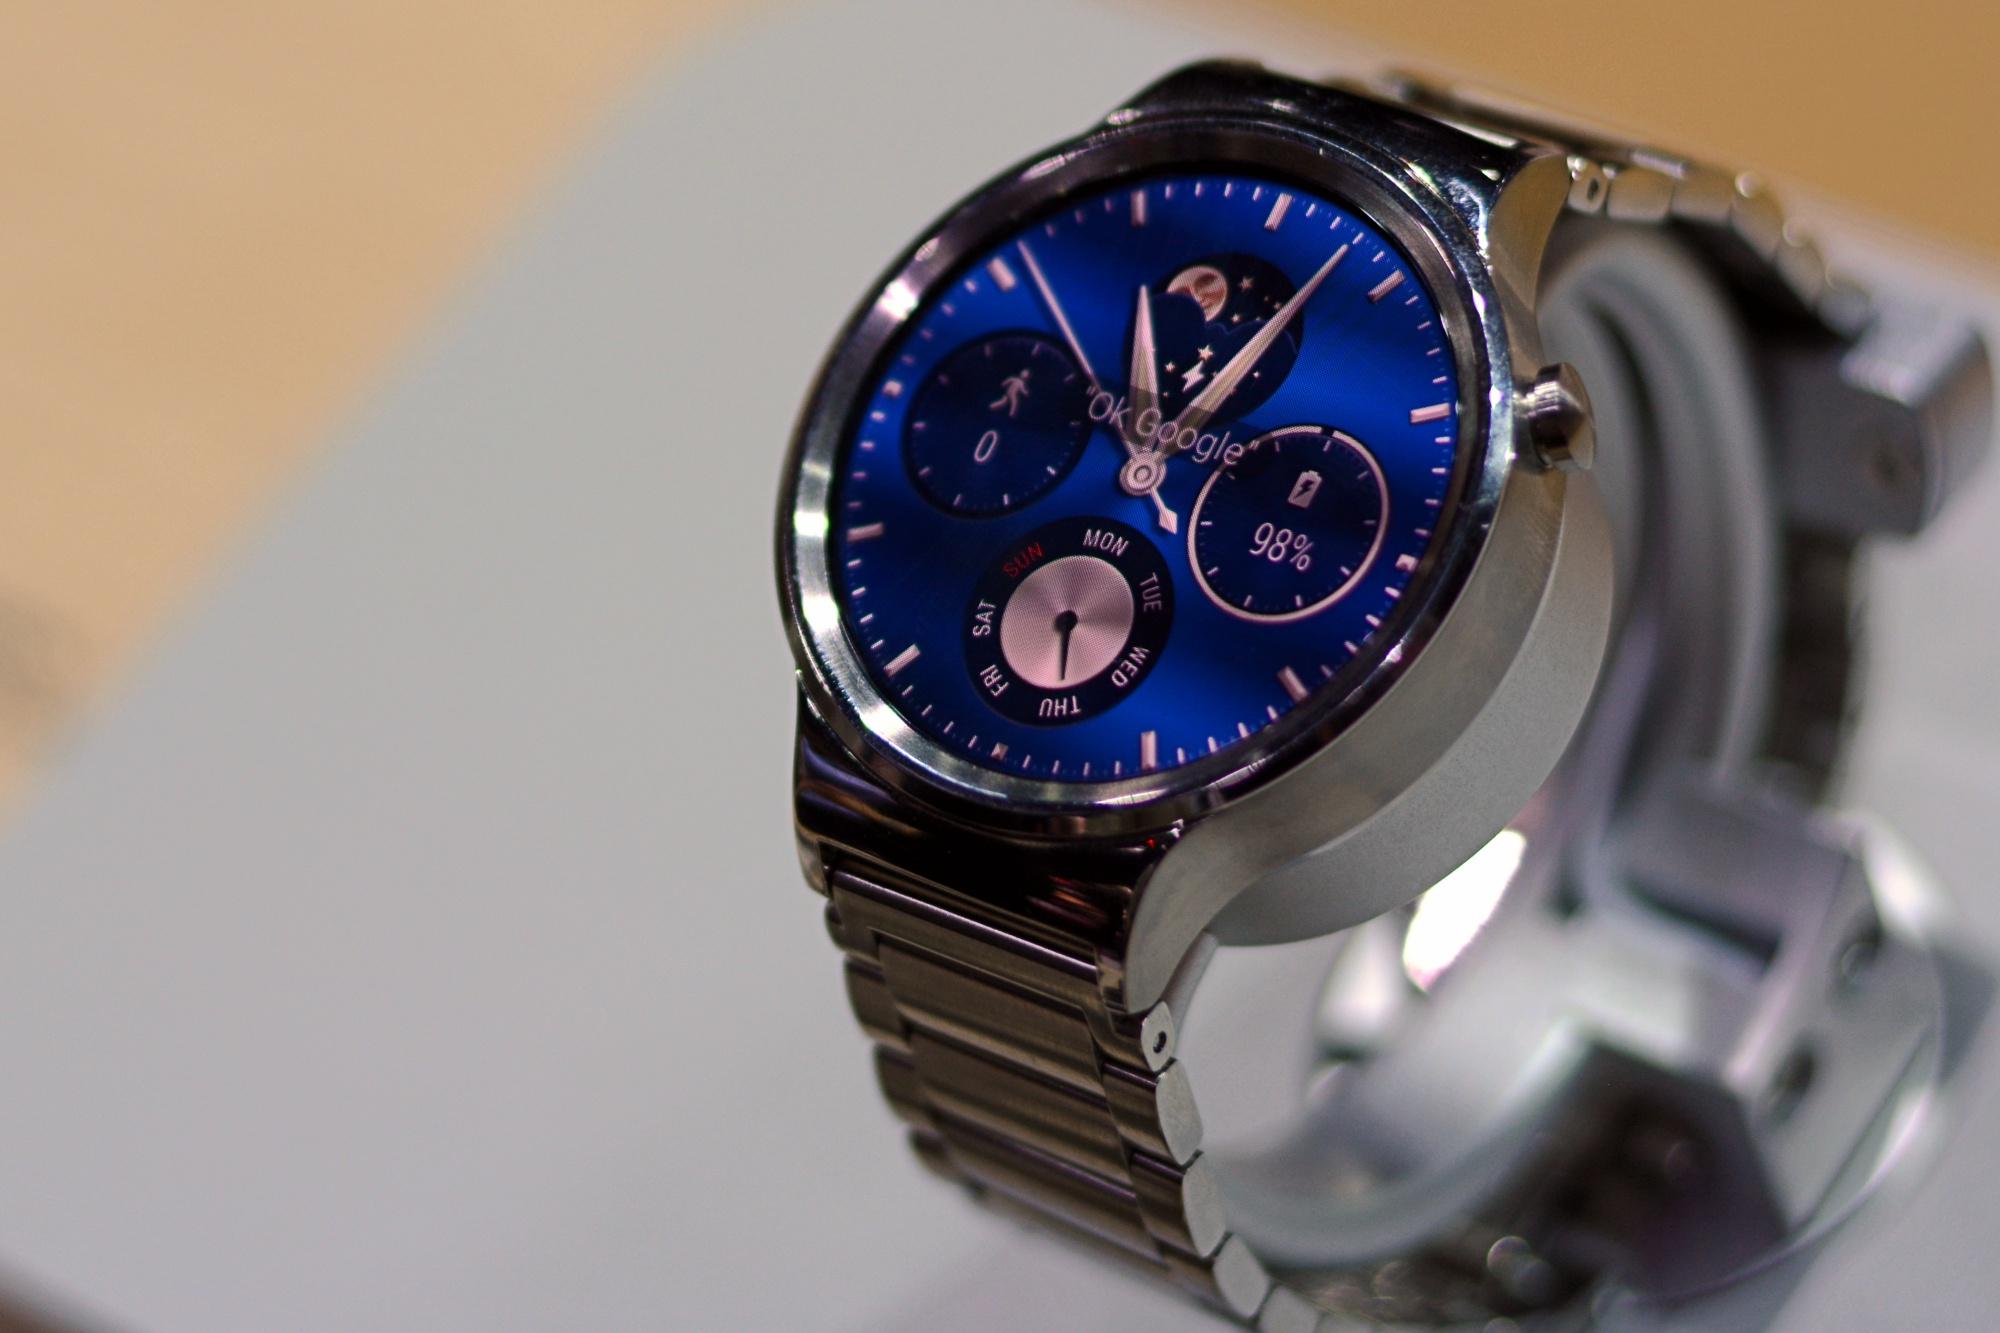 Oto smartwatch dla entuzjastów zegarków! Huawei Watch – pierwsze wrażenia Spider's Web